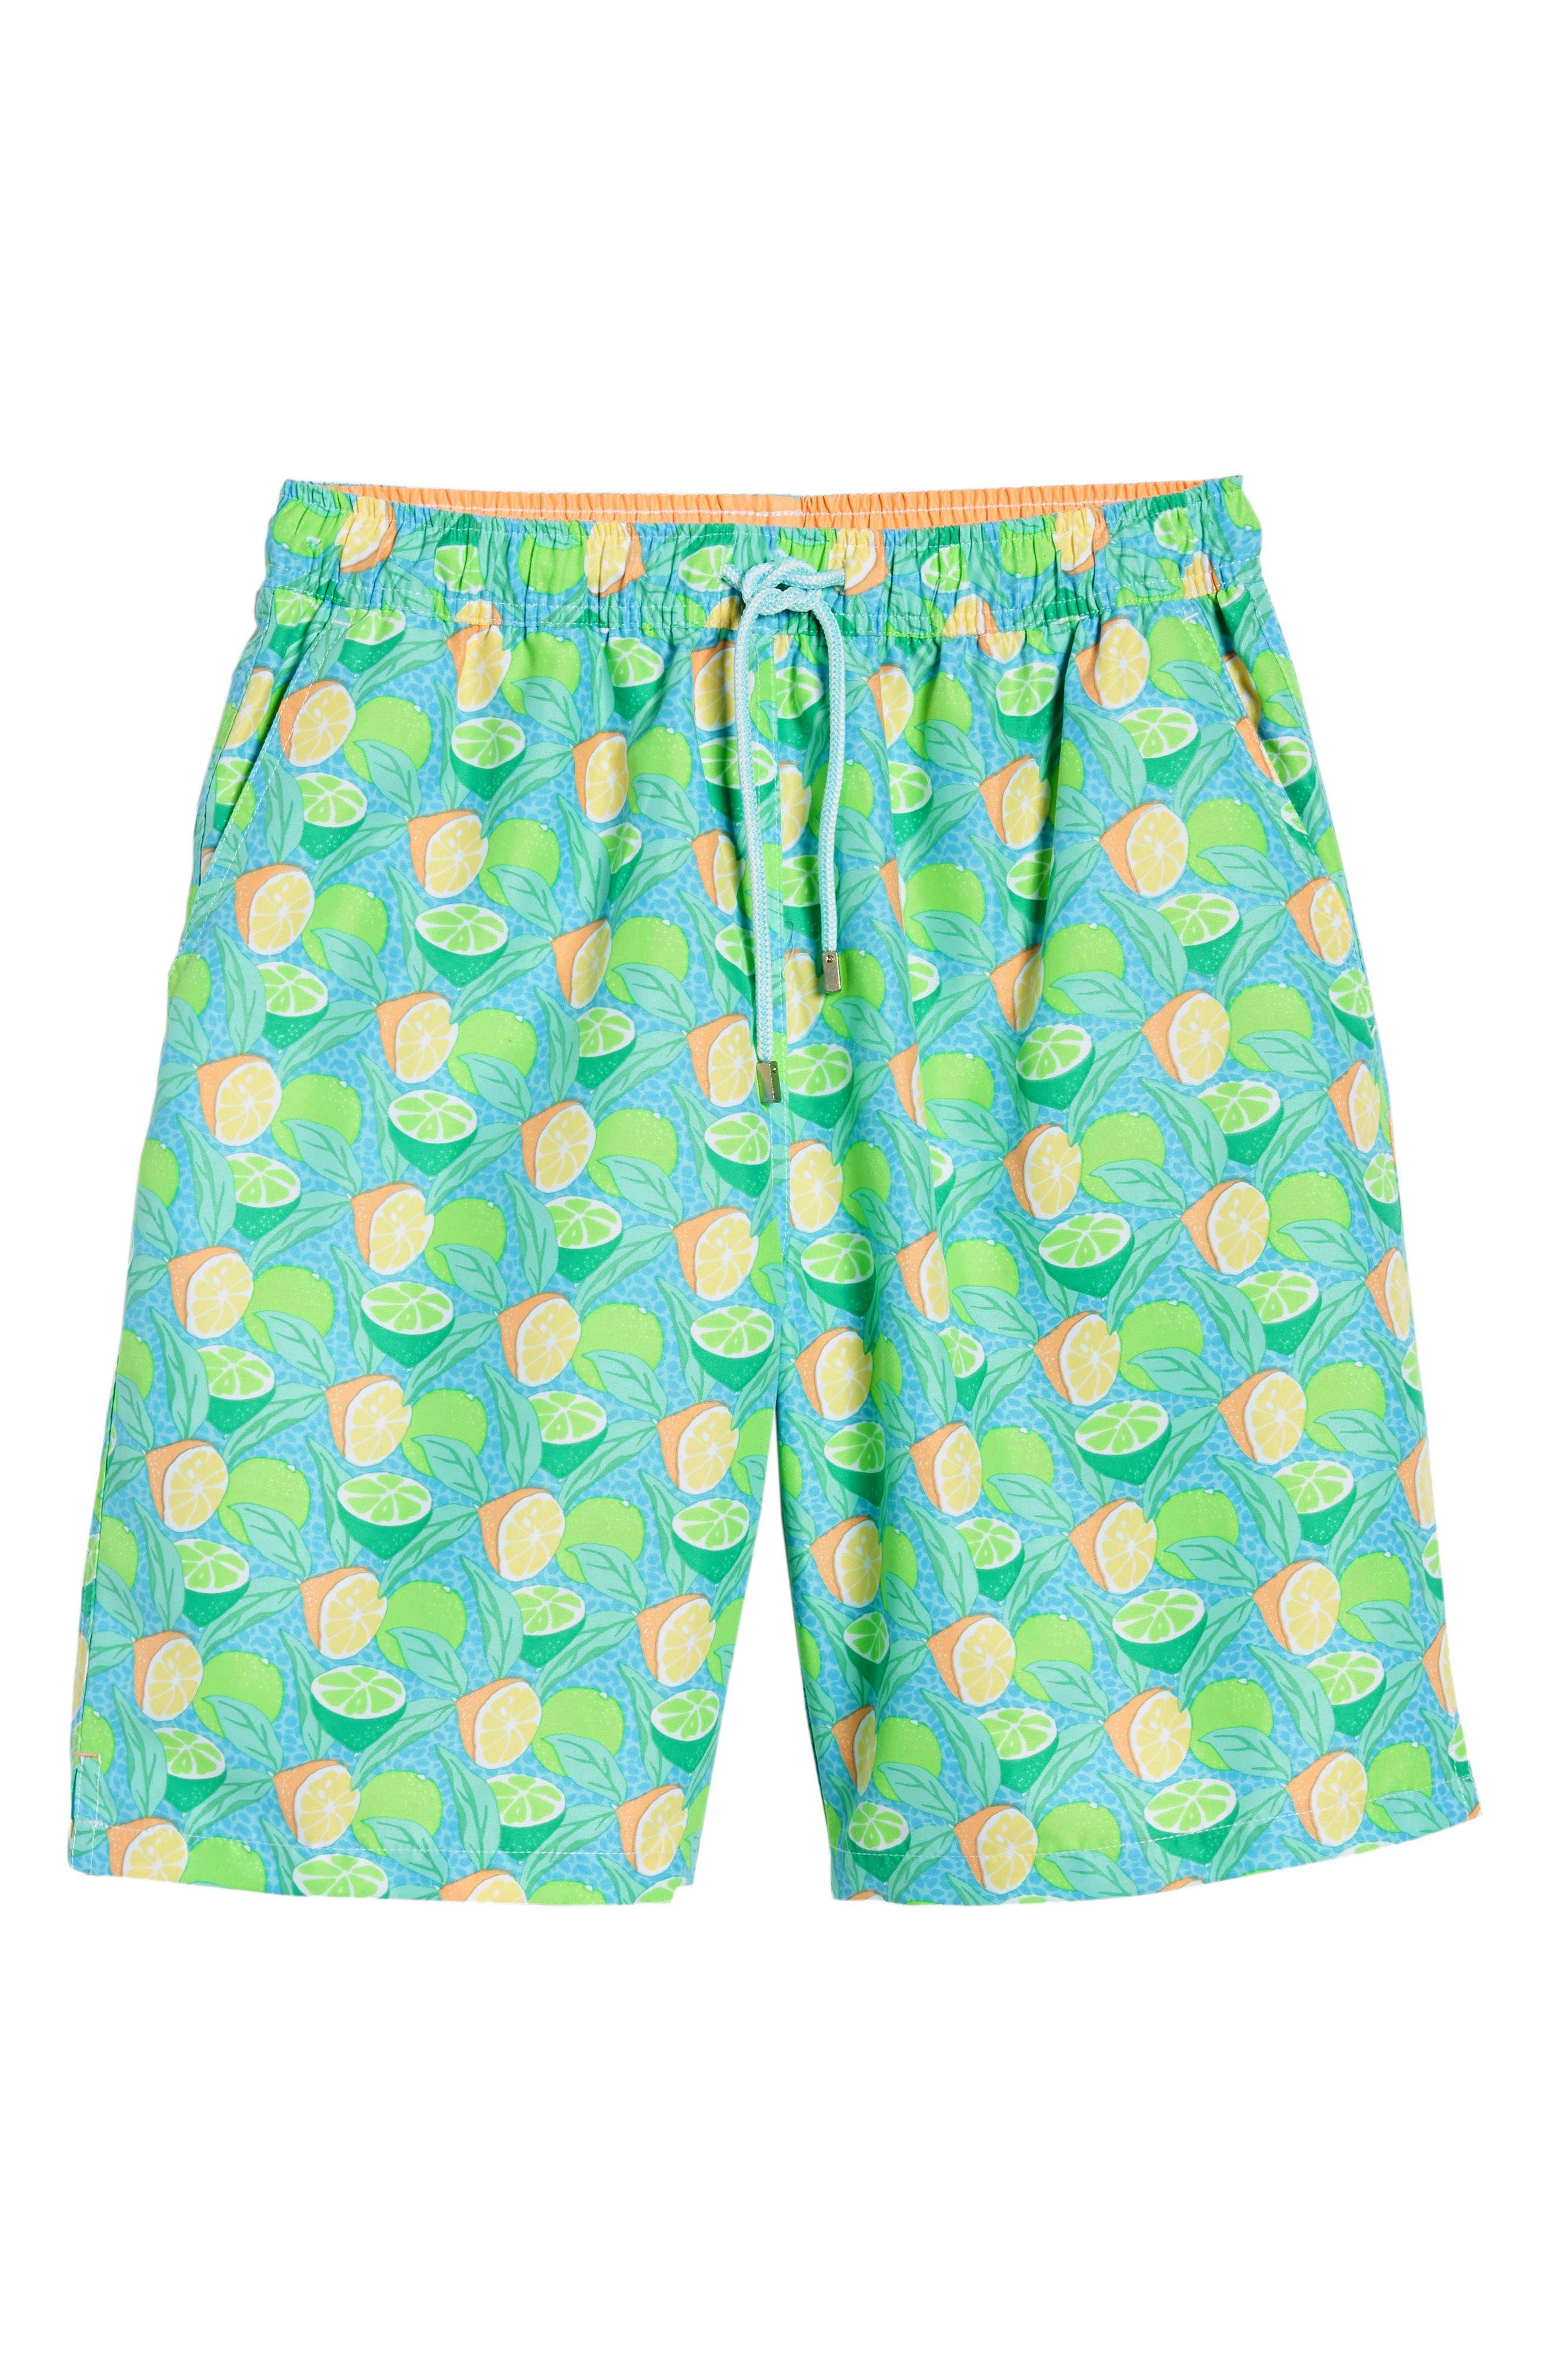 Sour Lemons Swim Trunks,                             Alternate thumbnail 6, color,                             327